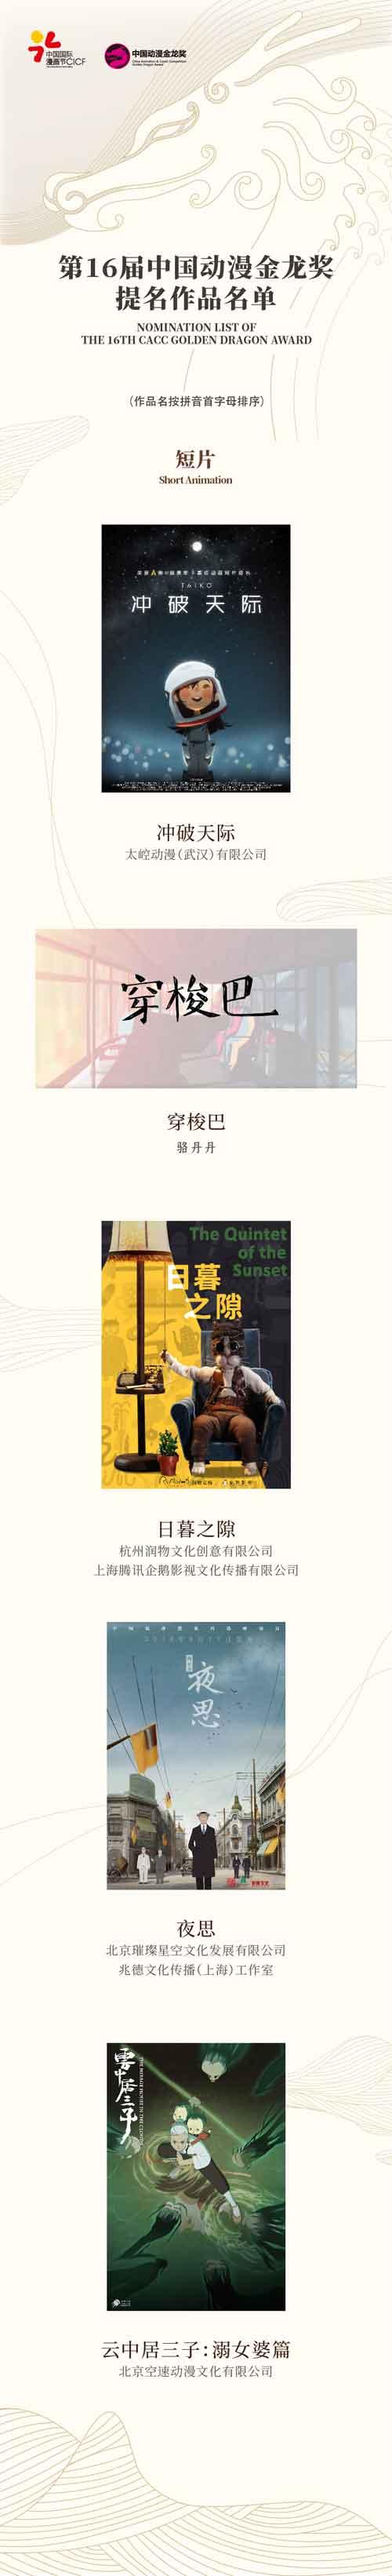 第16届中国动漫金龙奖提名名单揭晓! 原创专区-第5张